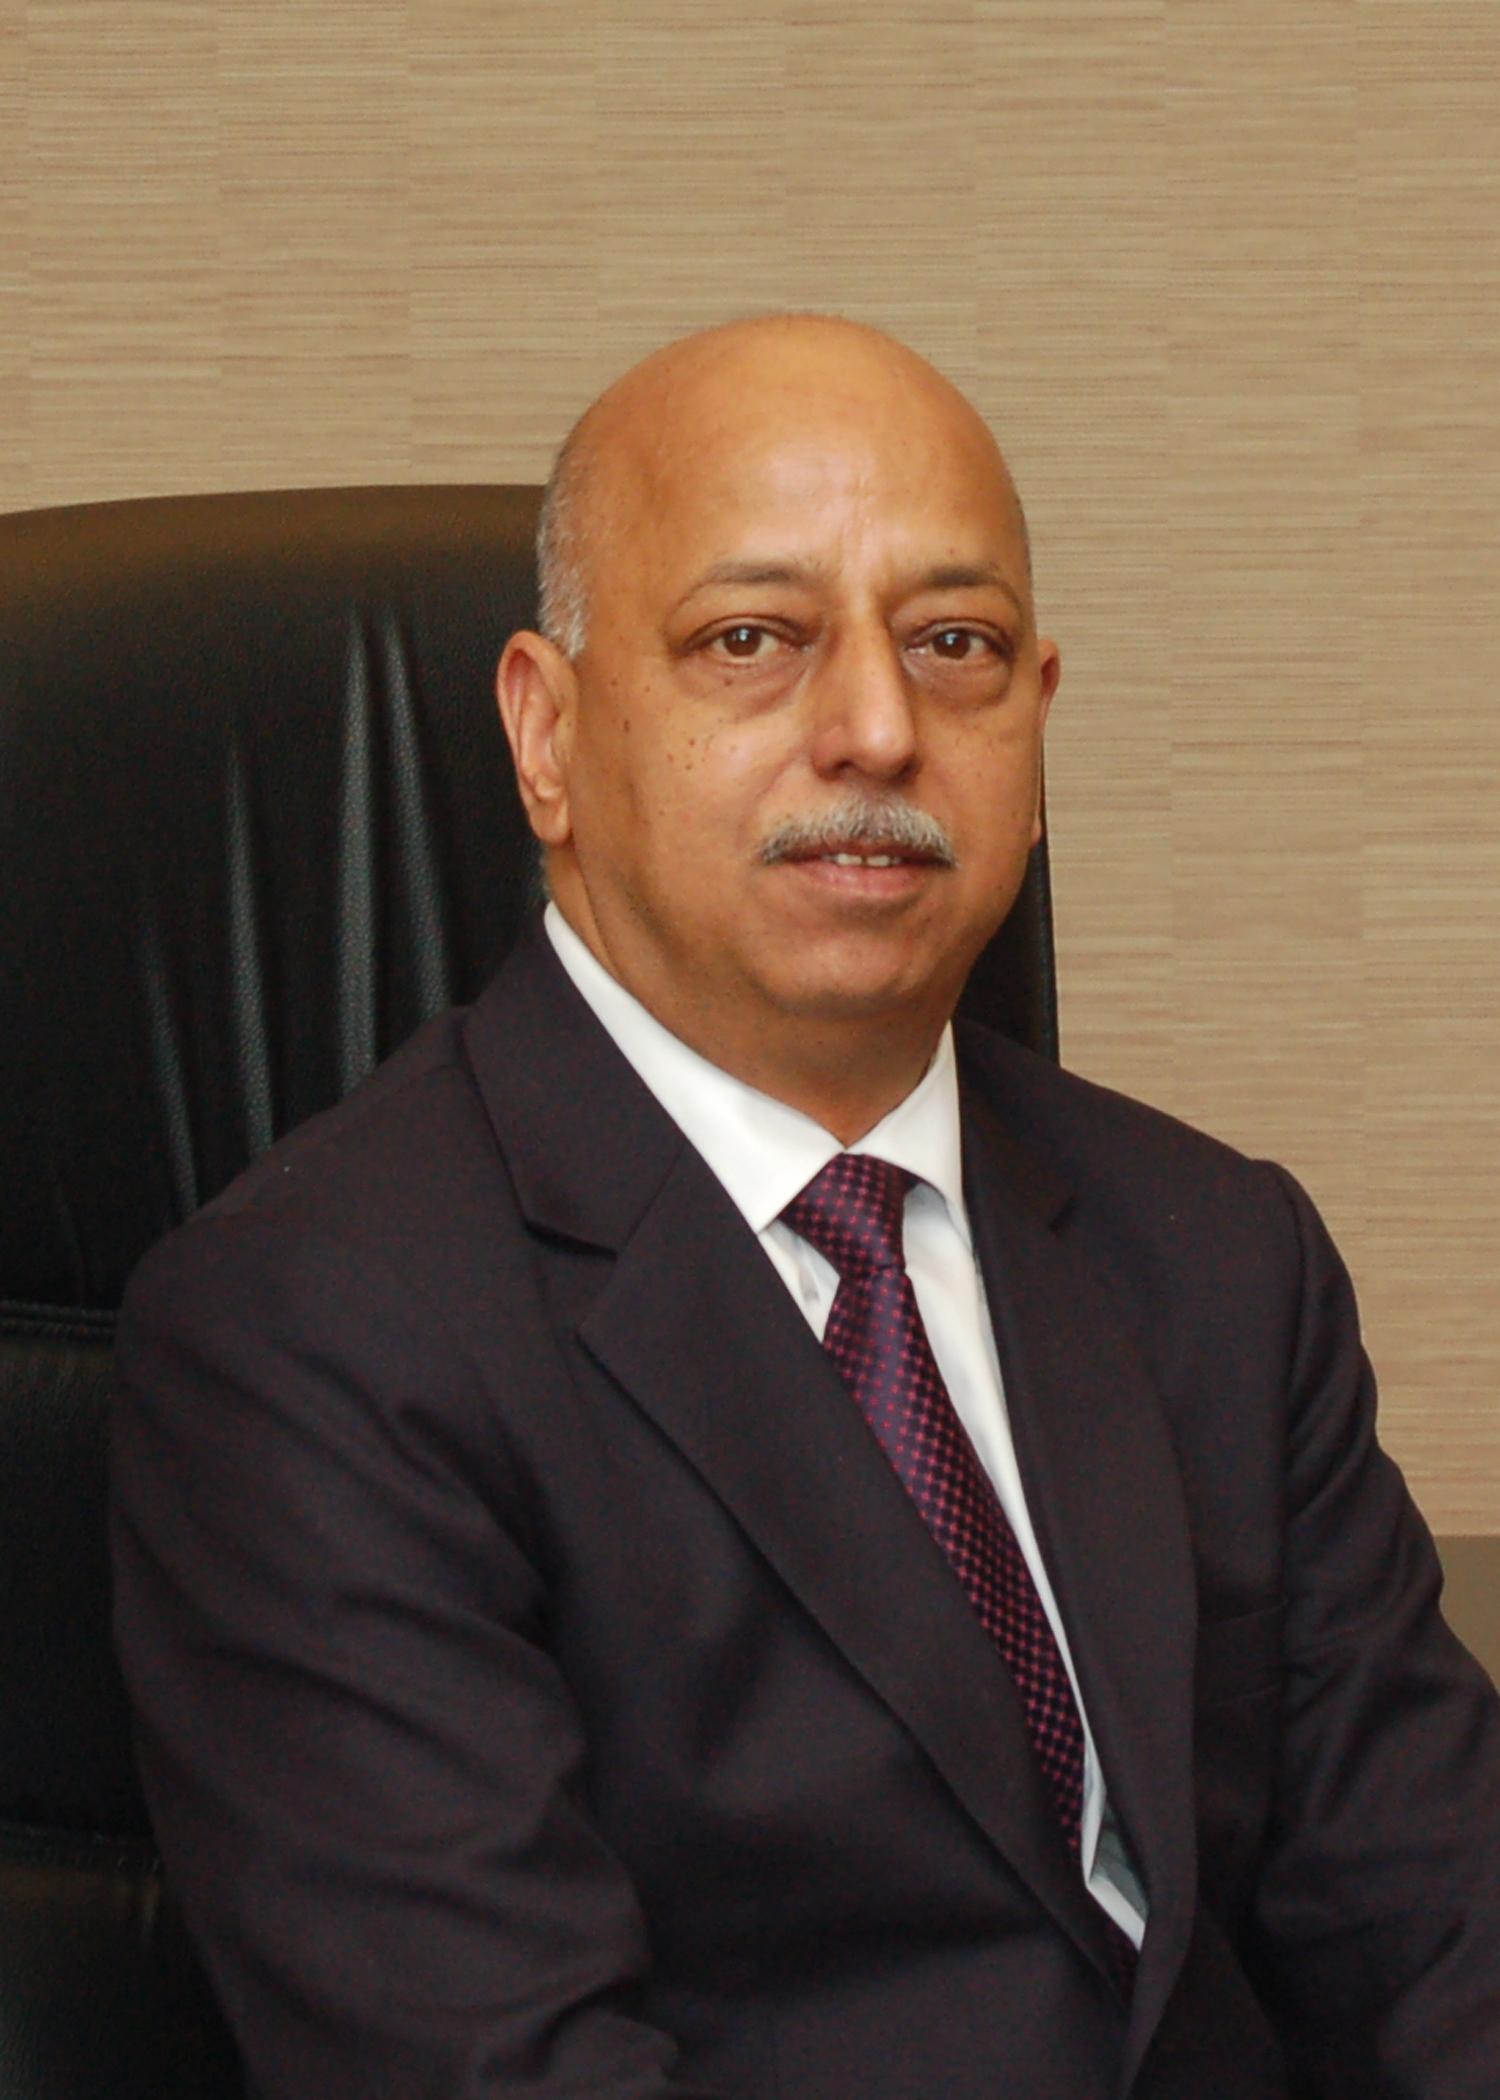 RD - Mr. Arun Mishra